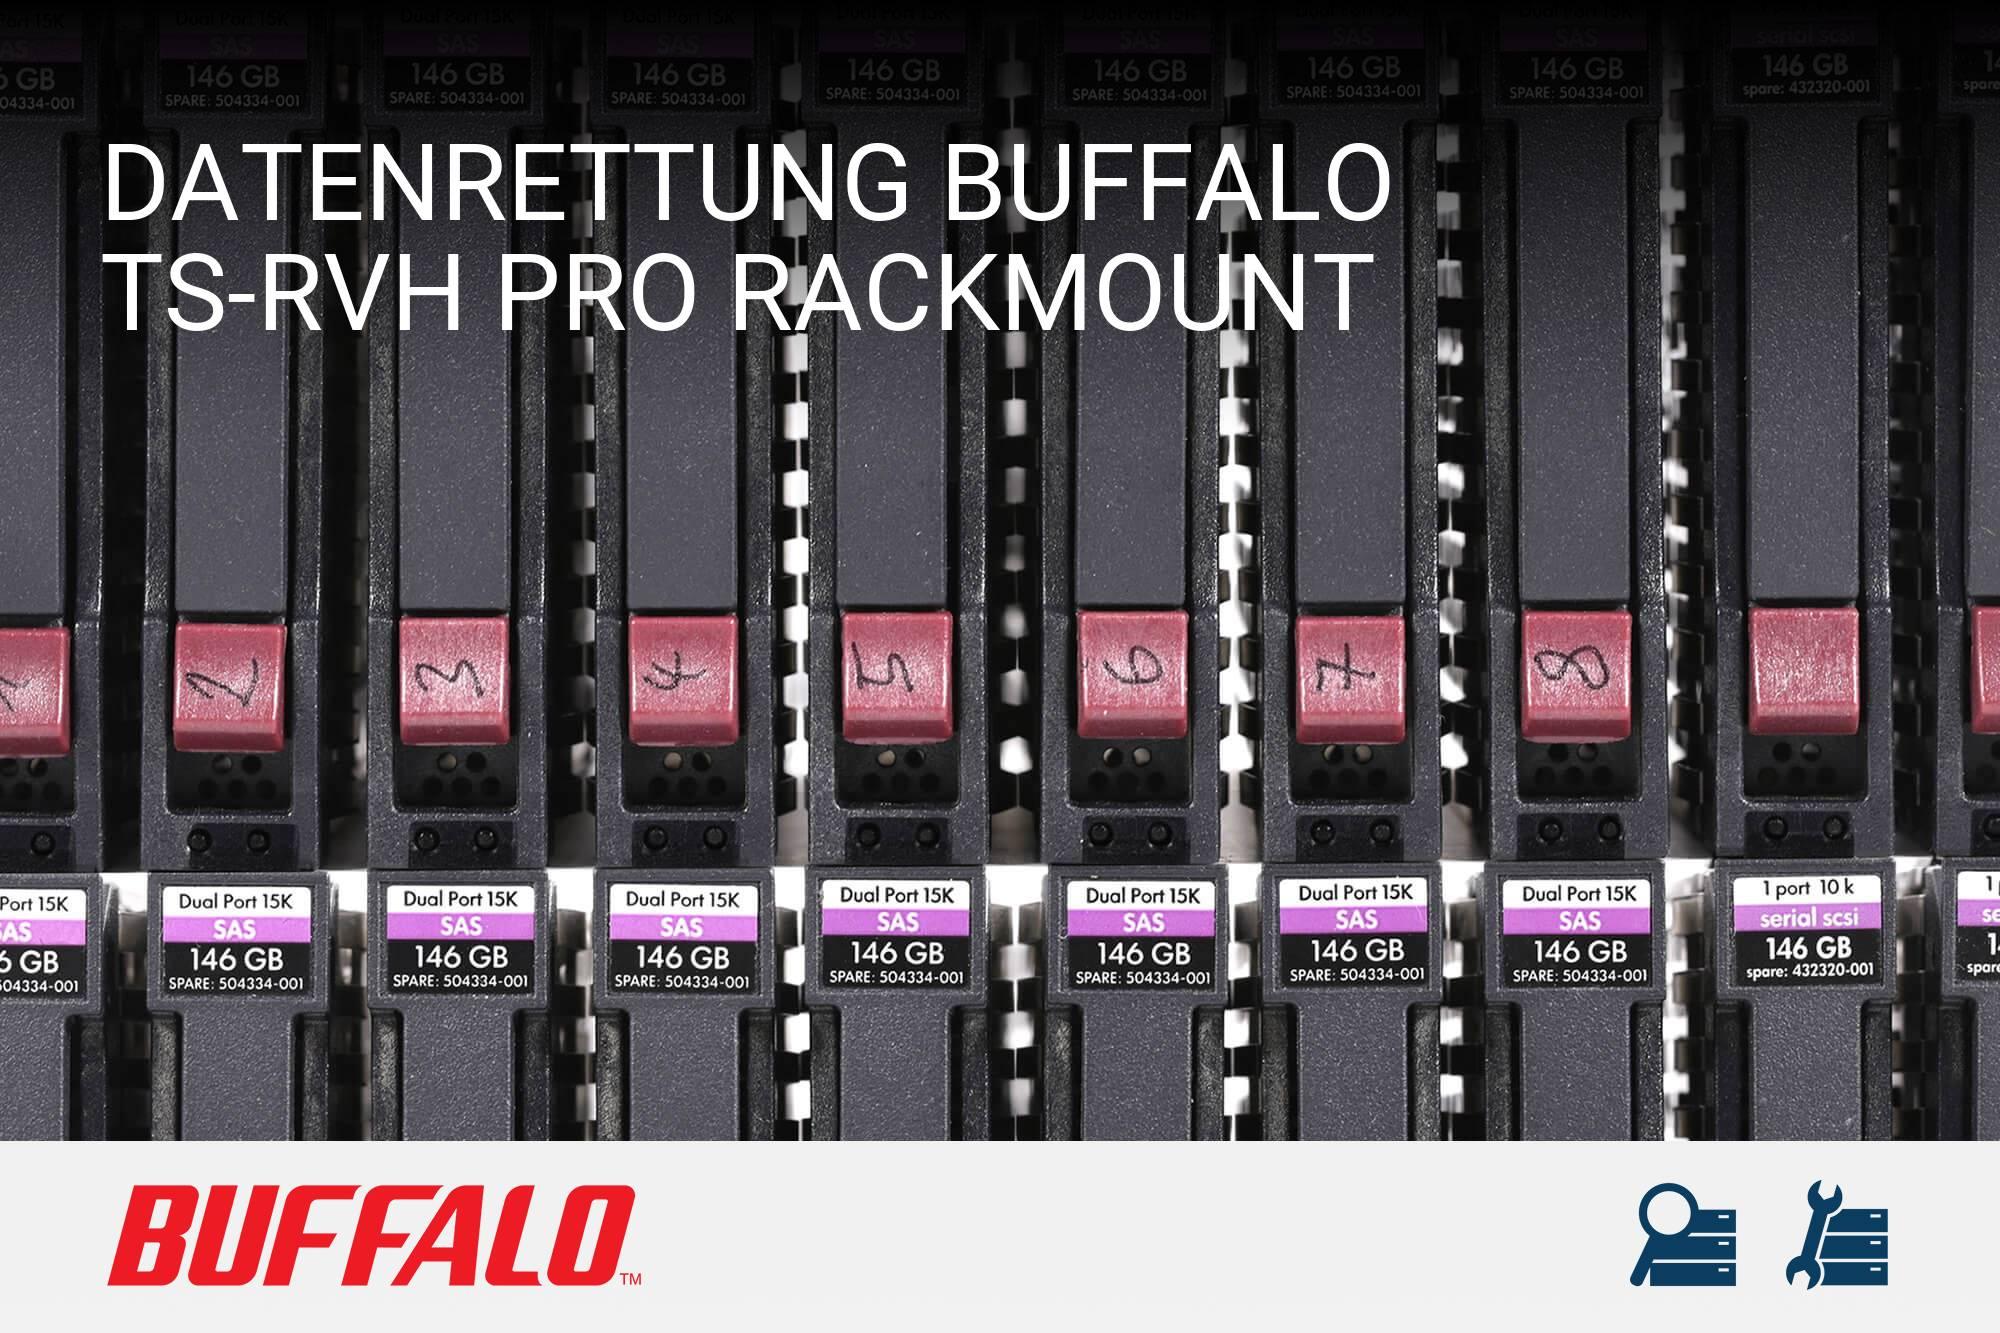 Buffalo TS-RVH Pro Rackmount